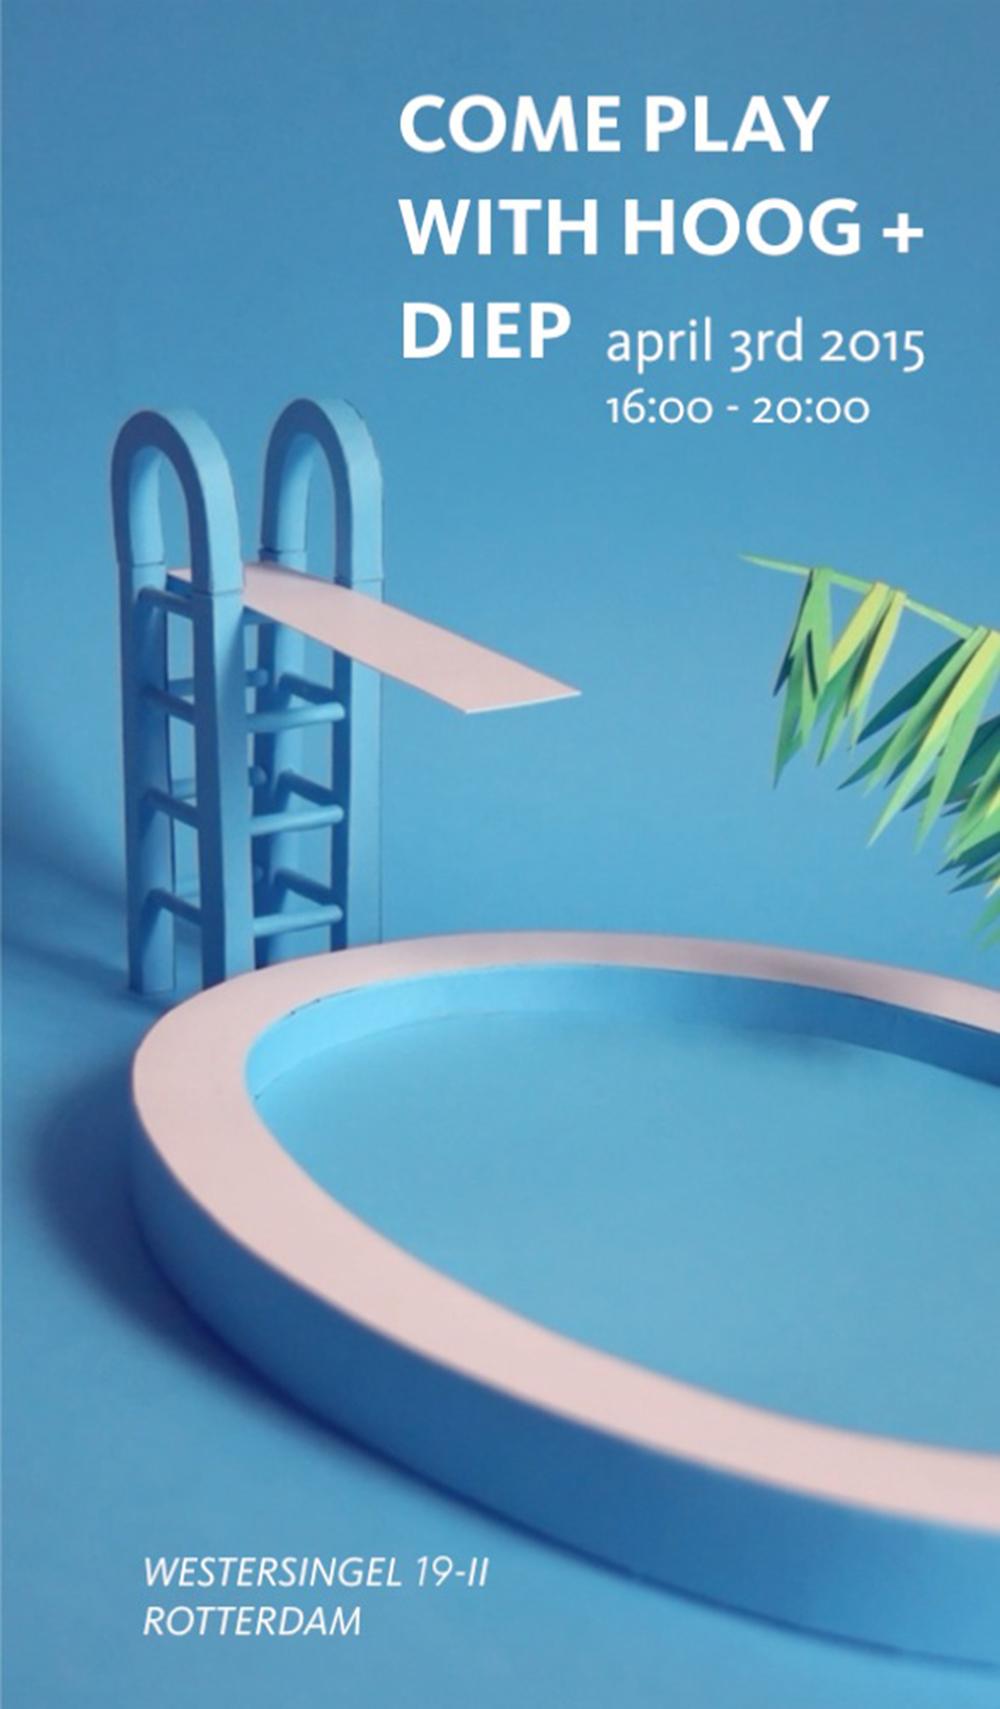 Hoog+Diep - invitation 3rd april.jpg